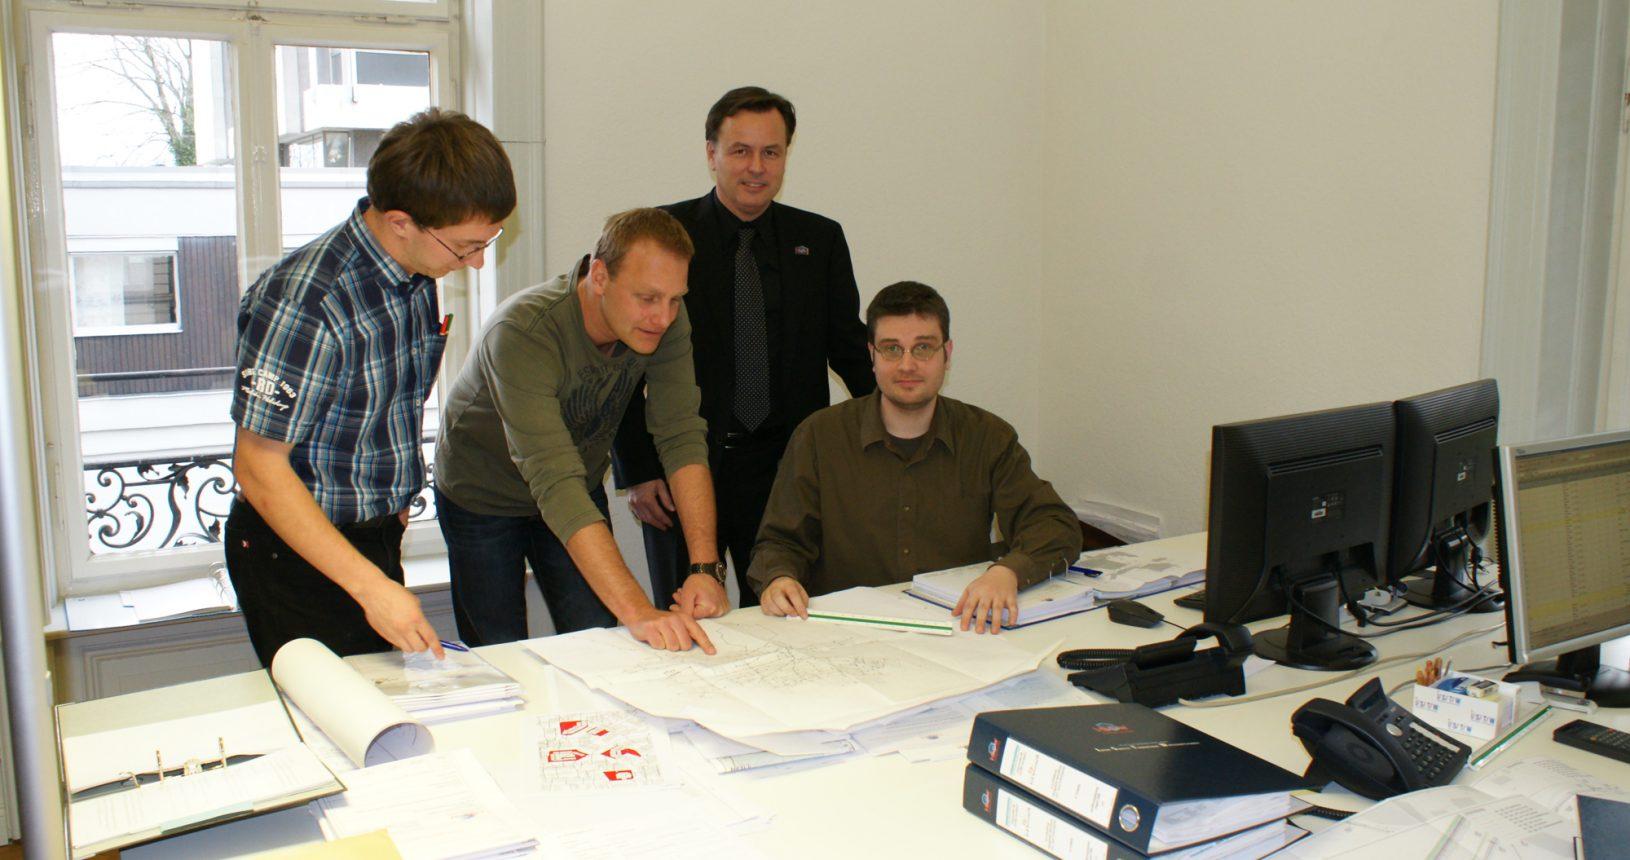 Mitarbeiter ISTW Ludwigsburg und U. Blankenhorn